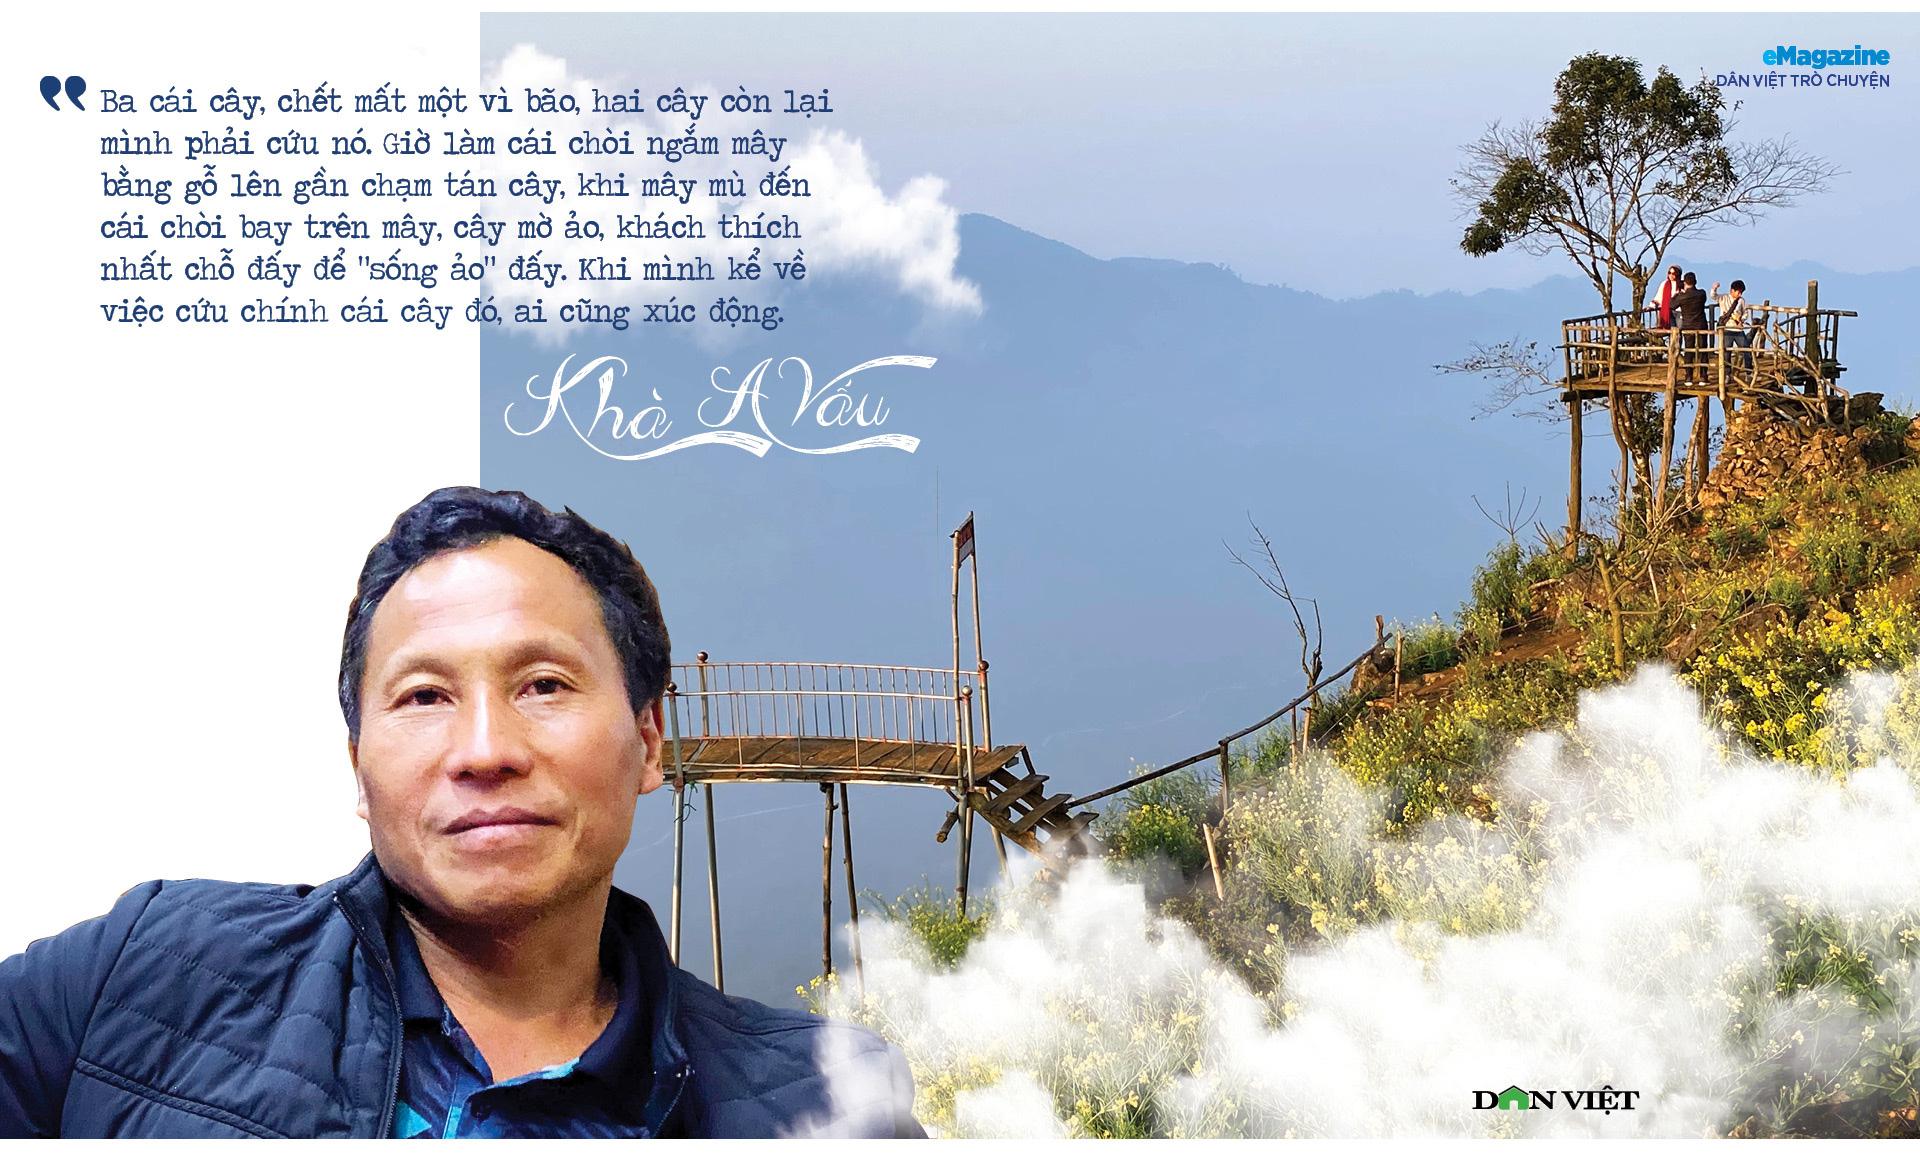 """Dân Việt trò chuyện:Khà A Vấu - vinh danh """"Thiên đường mây"""" trên """"Miền đất lửa"""" - Ảnh 4."""